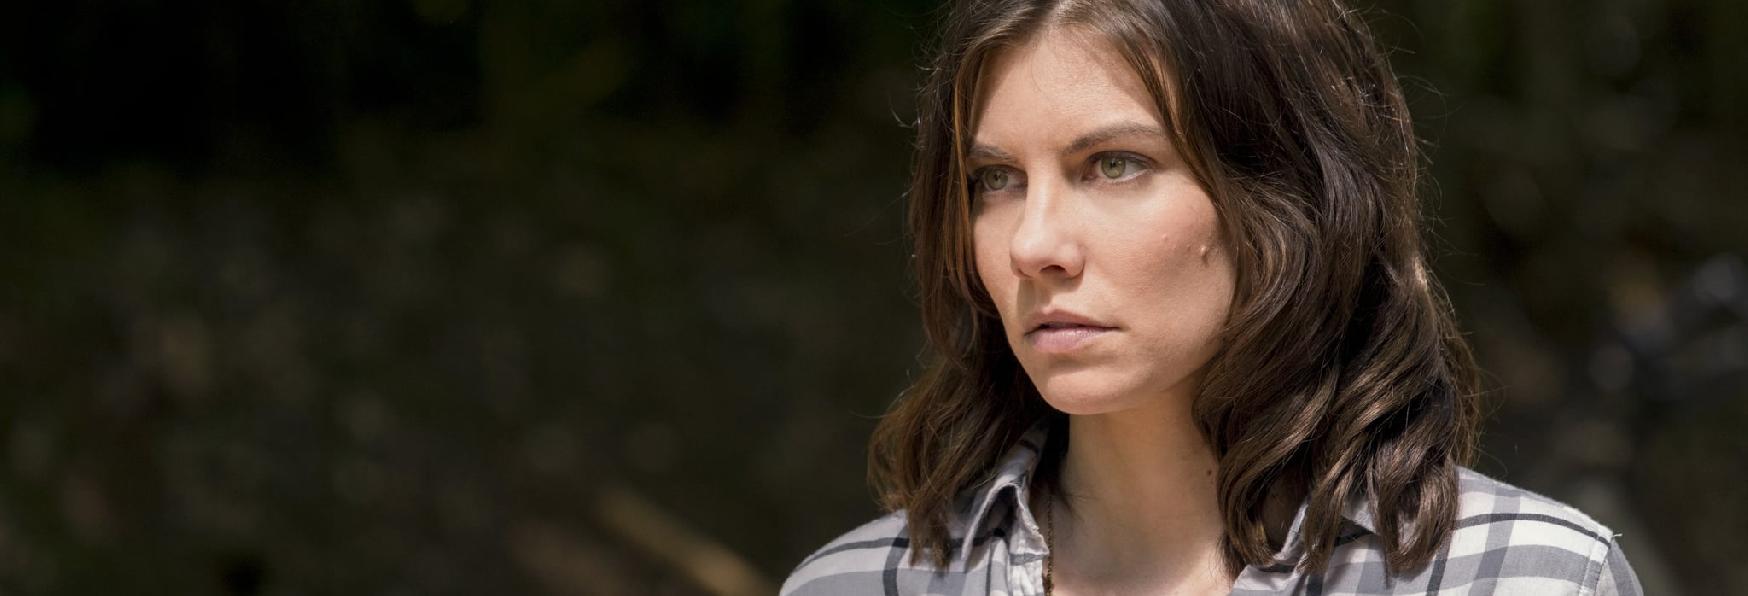 The Walking Dead: Maggie Greene potrebbe tornare entro la fine della 10° Stagione